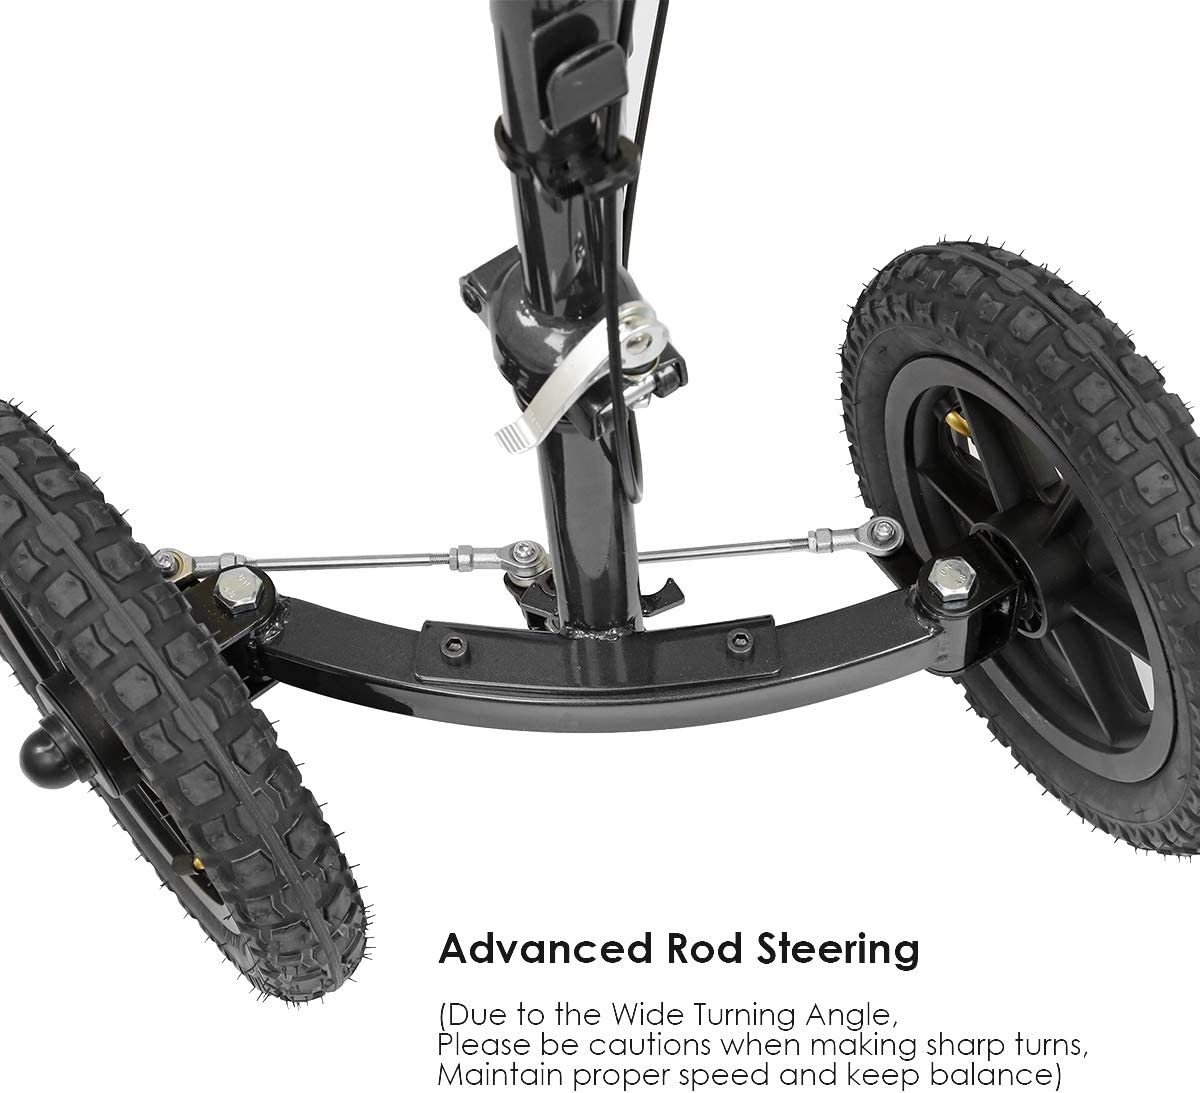 Amazon.com: Clevr patinete de rodilla con suspensión y ...